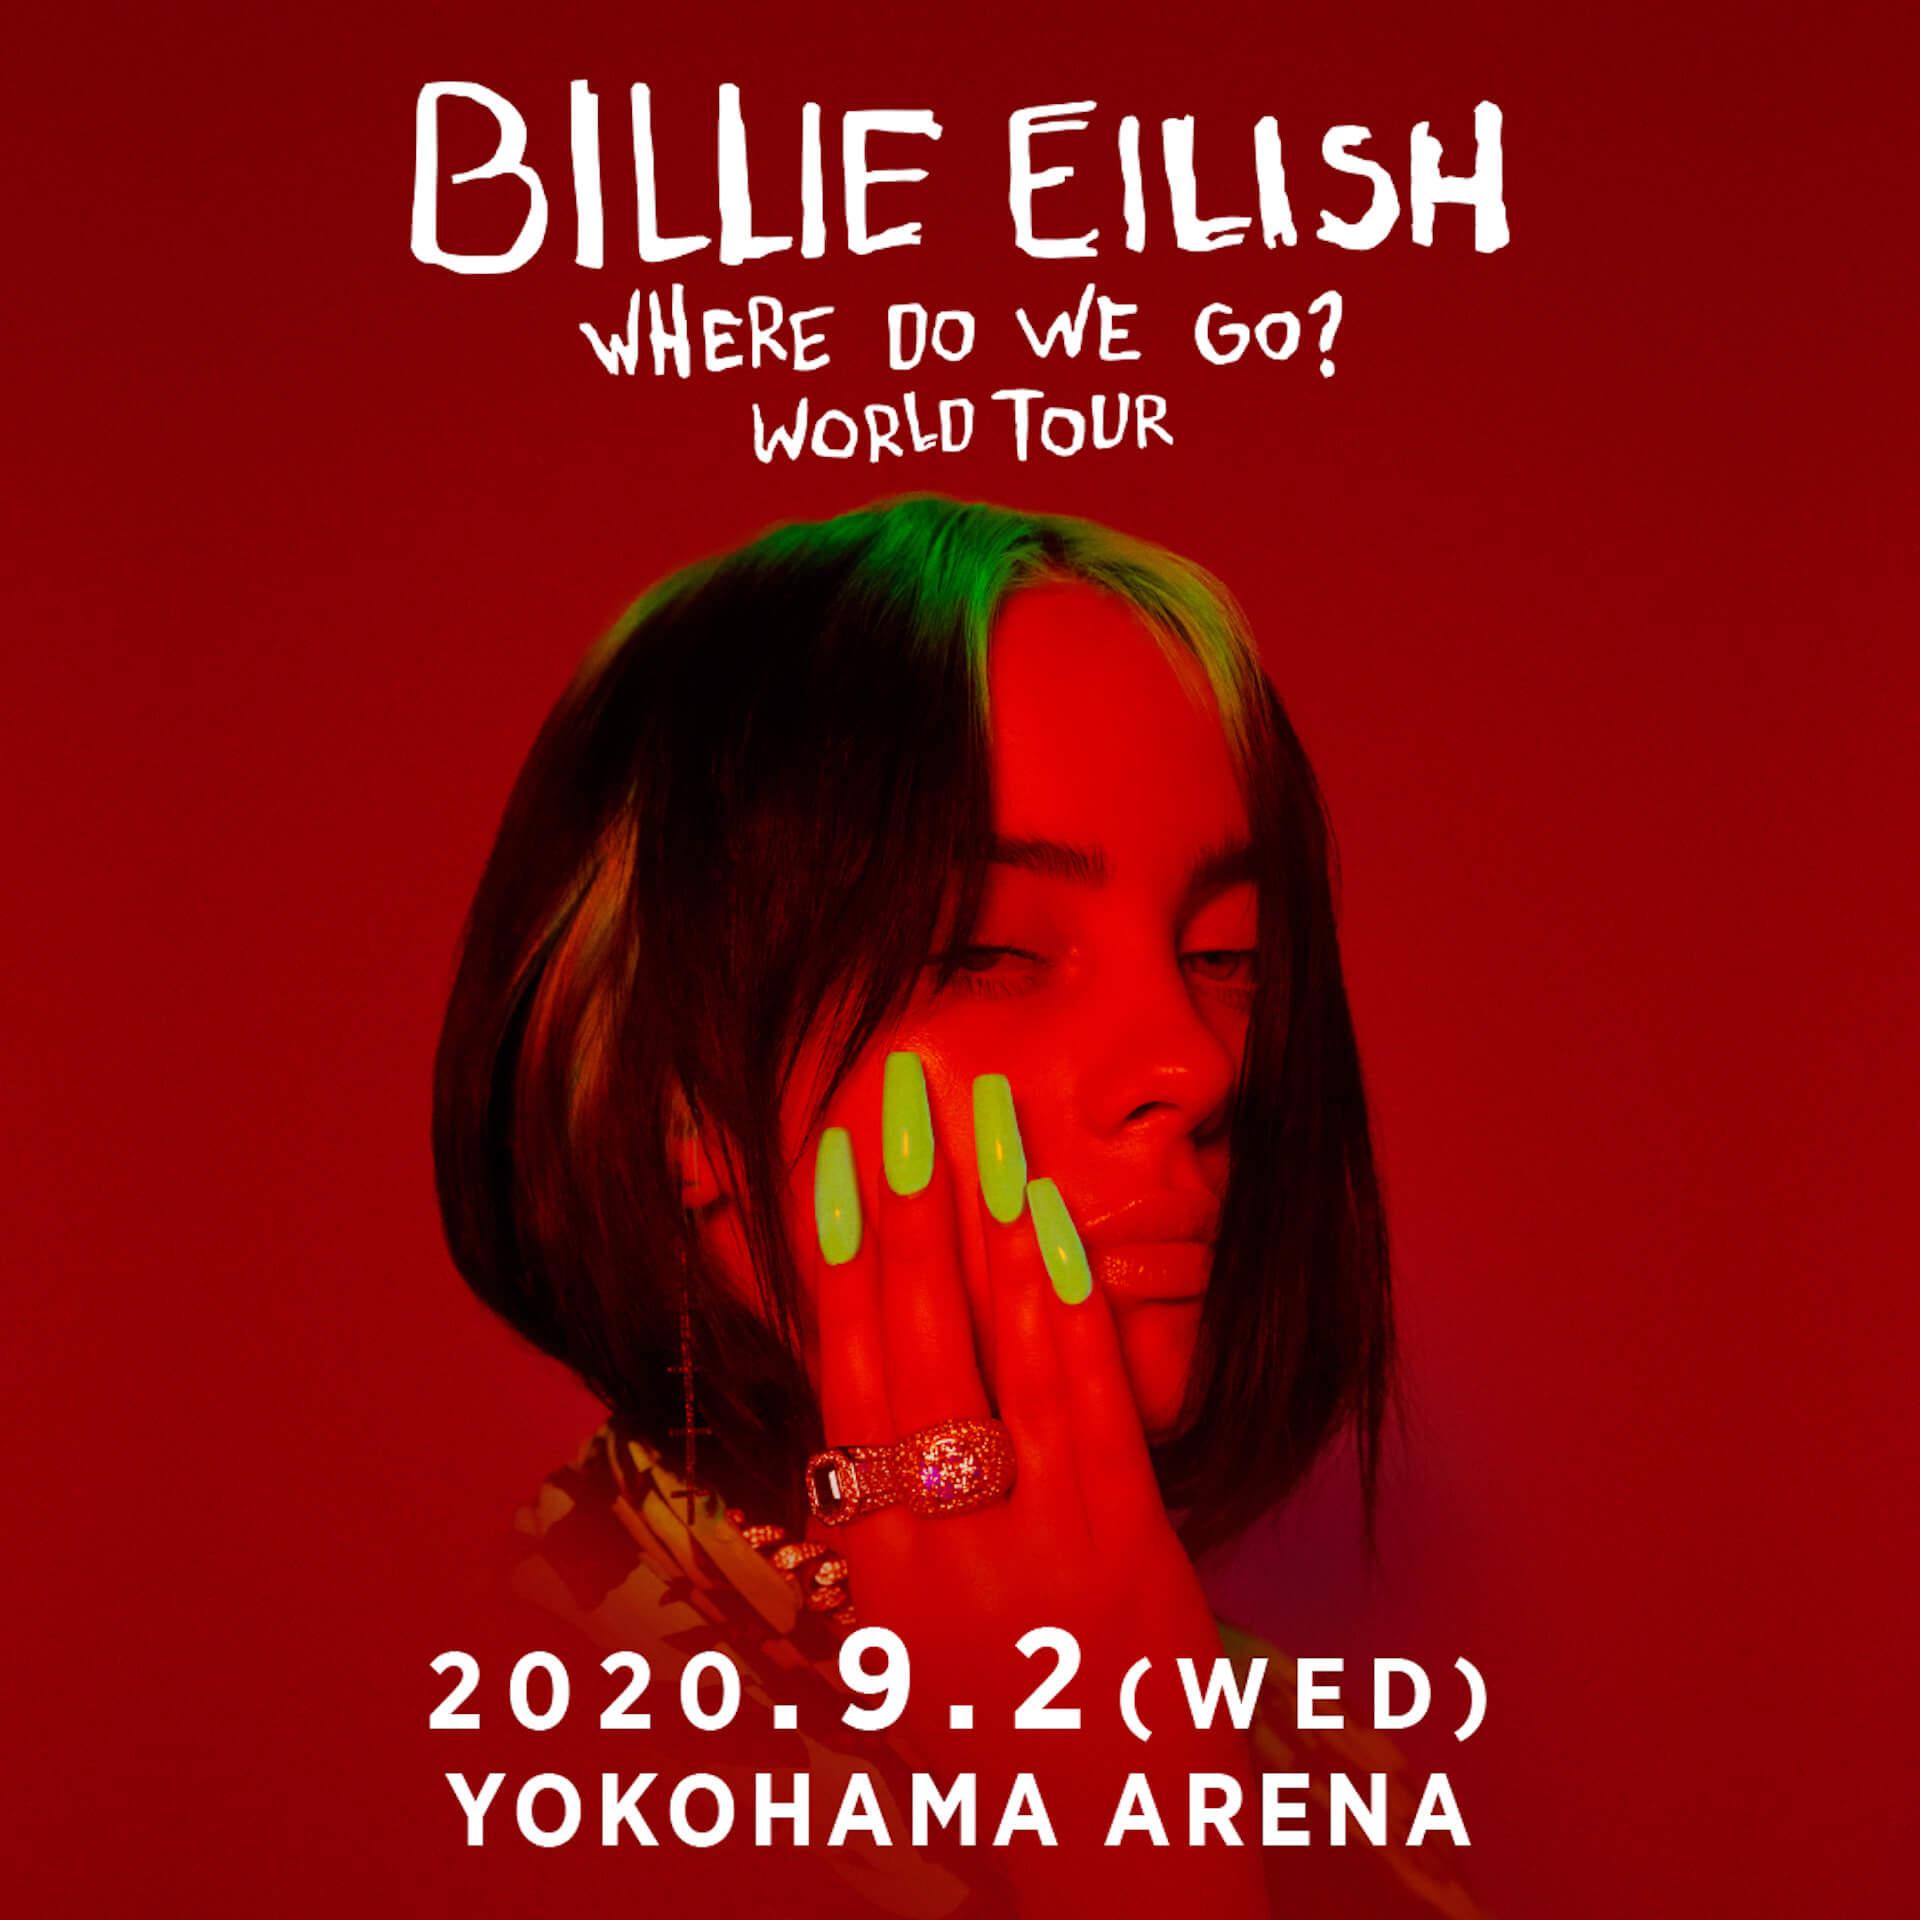 ビリー・アイリッシュ、待望の来日公演が決定!横浜アリーナに降臨 music200120_billieeilish_3